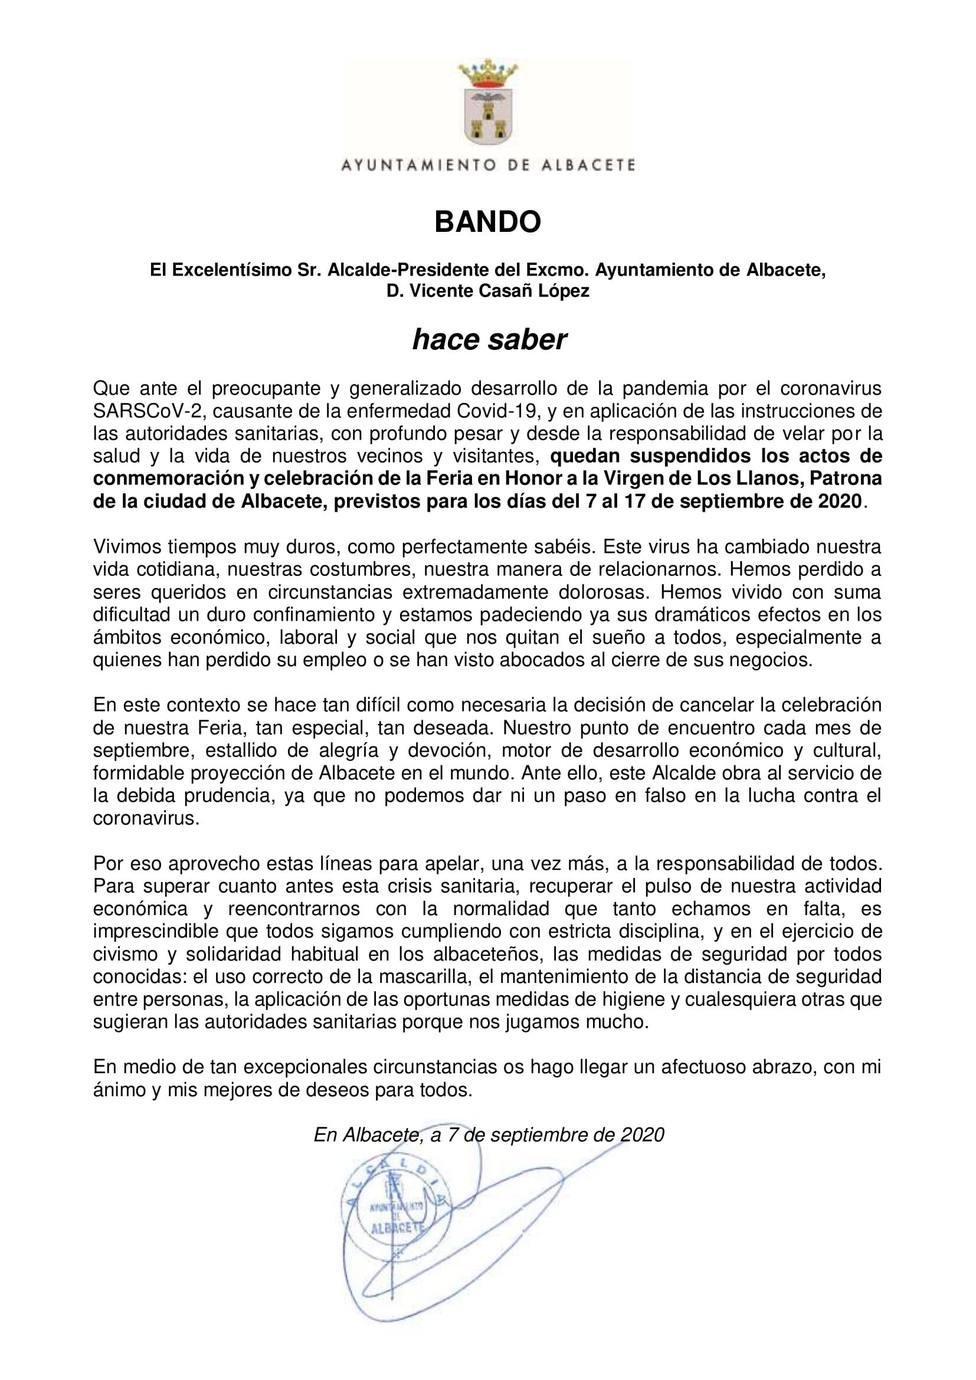 Bando de la suspensión de la Feria de Albacete 2020